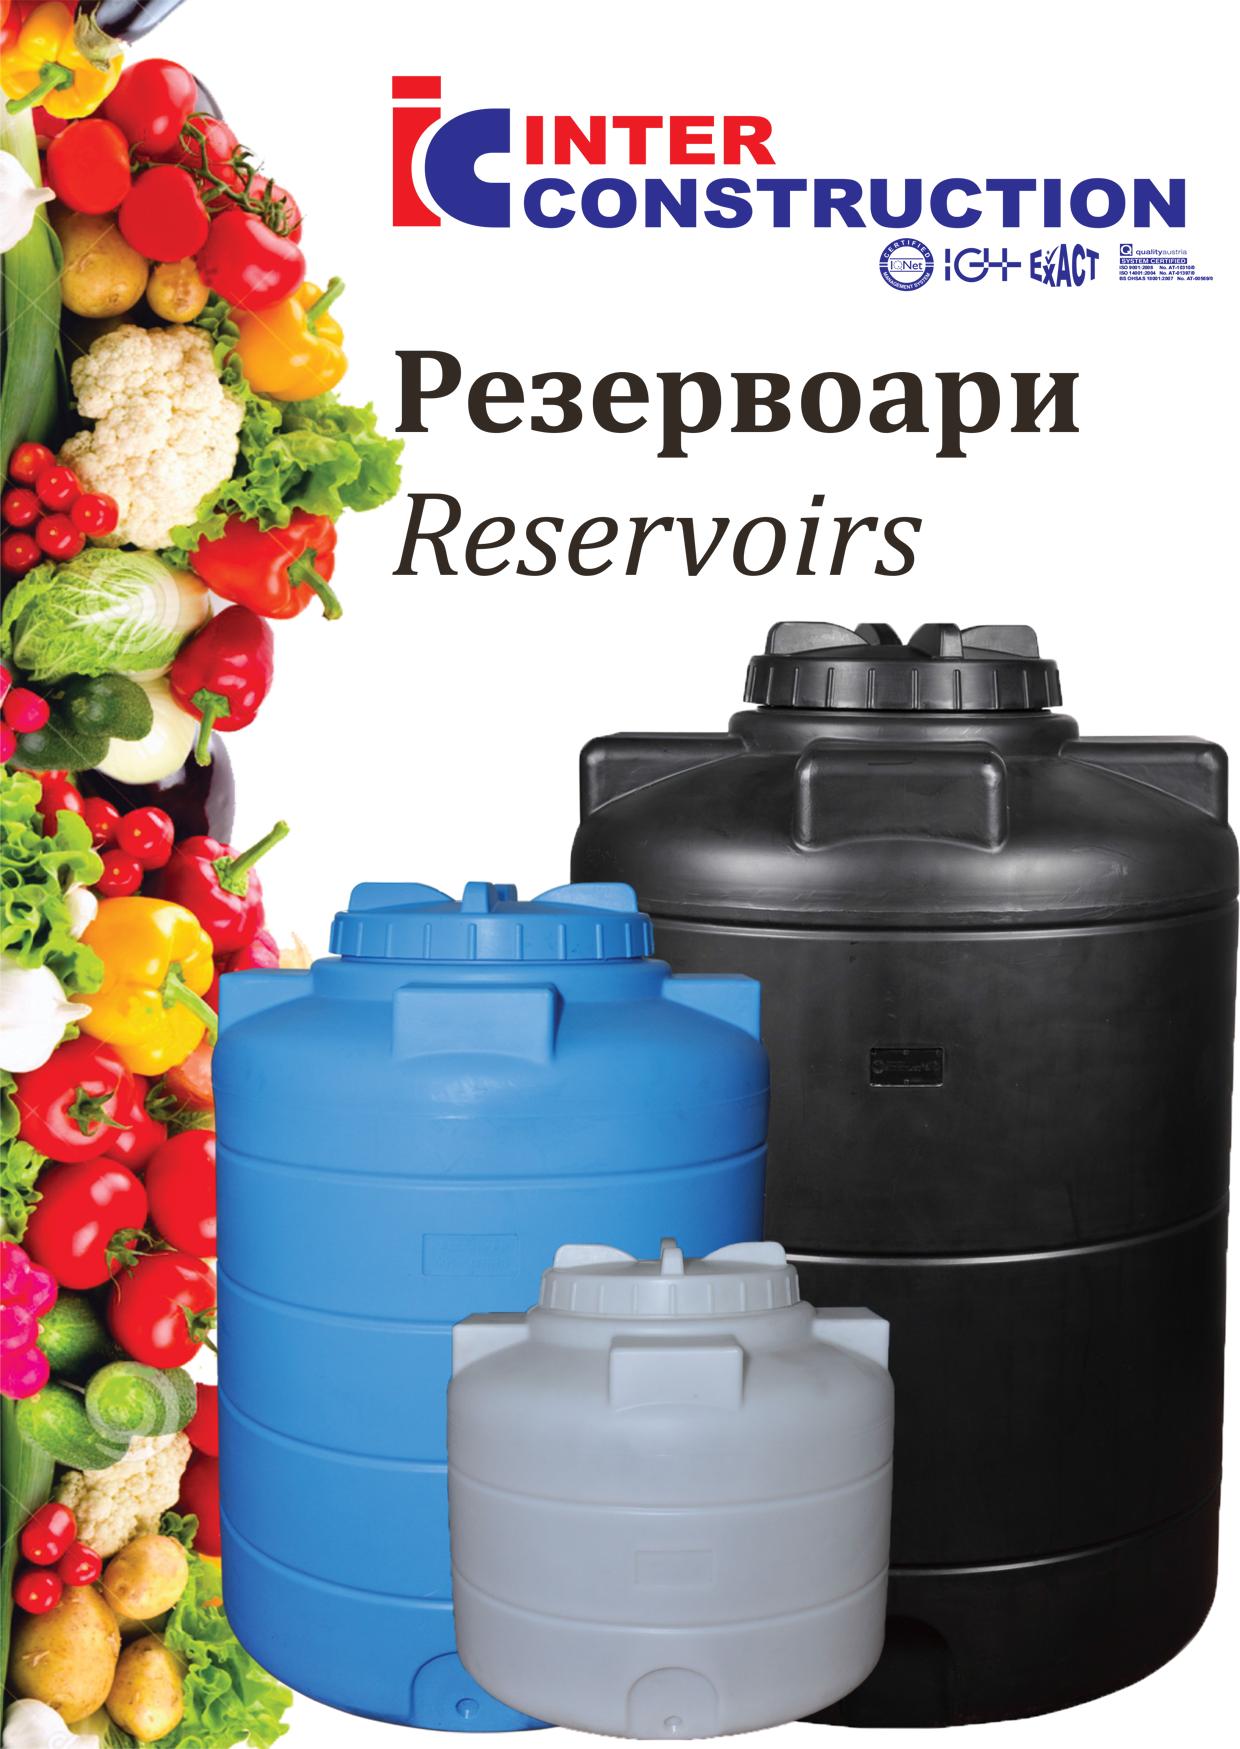 pocetna rezervoar1000l 500l 300l bure inter-construction резервоар буре 1000л 500л 300л